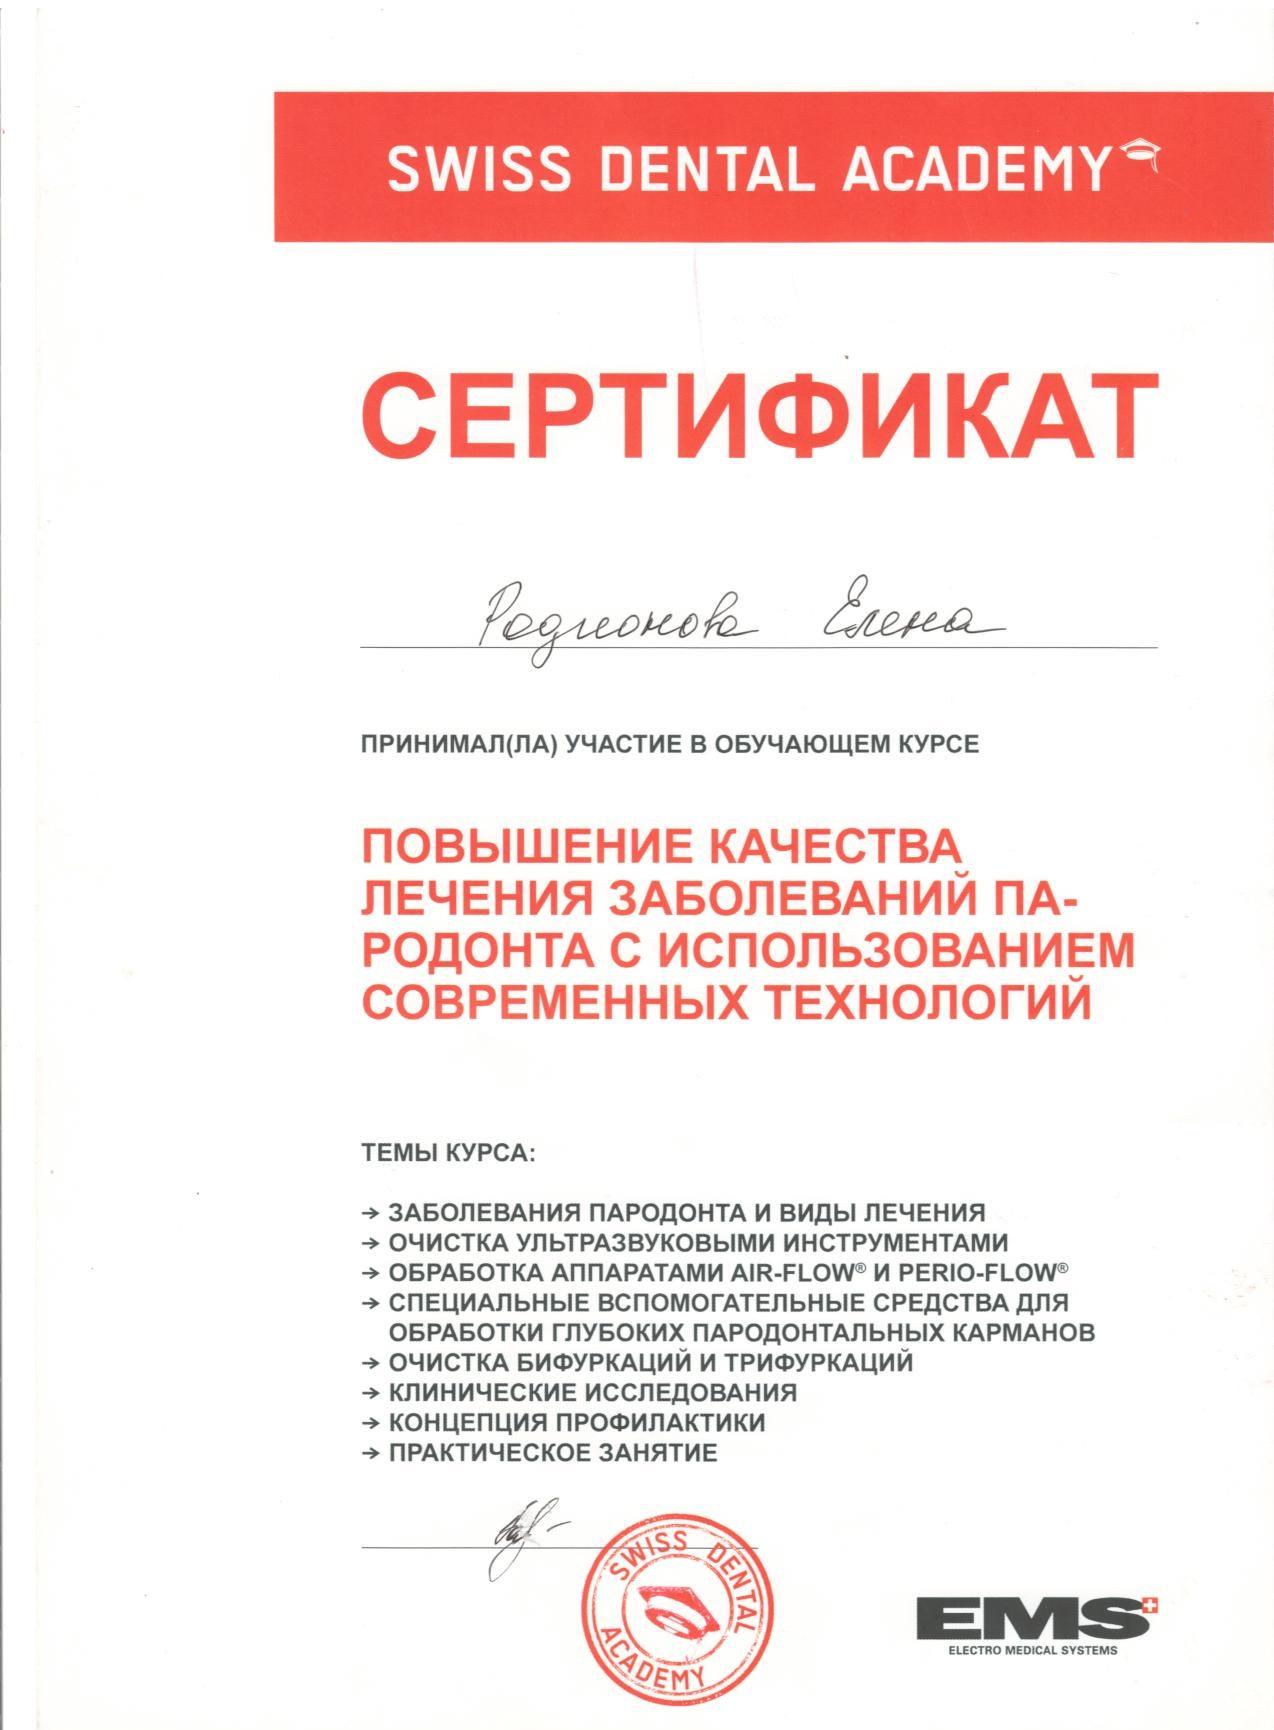 сертификат стоматолога повышение квалификации